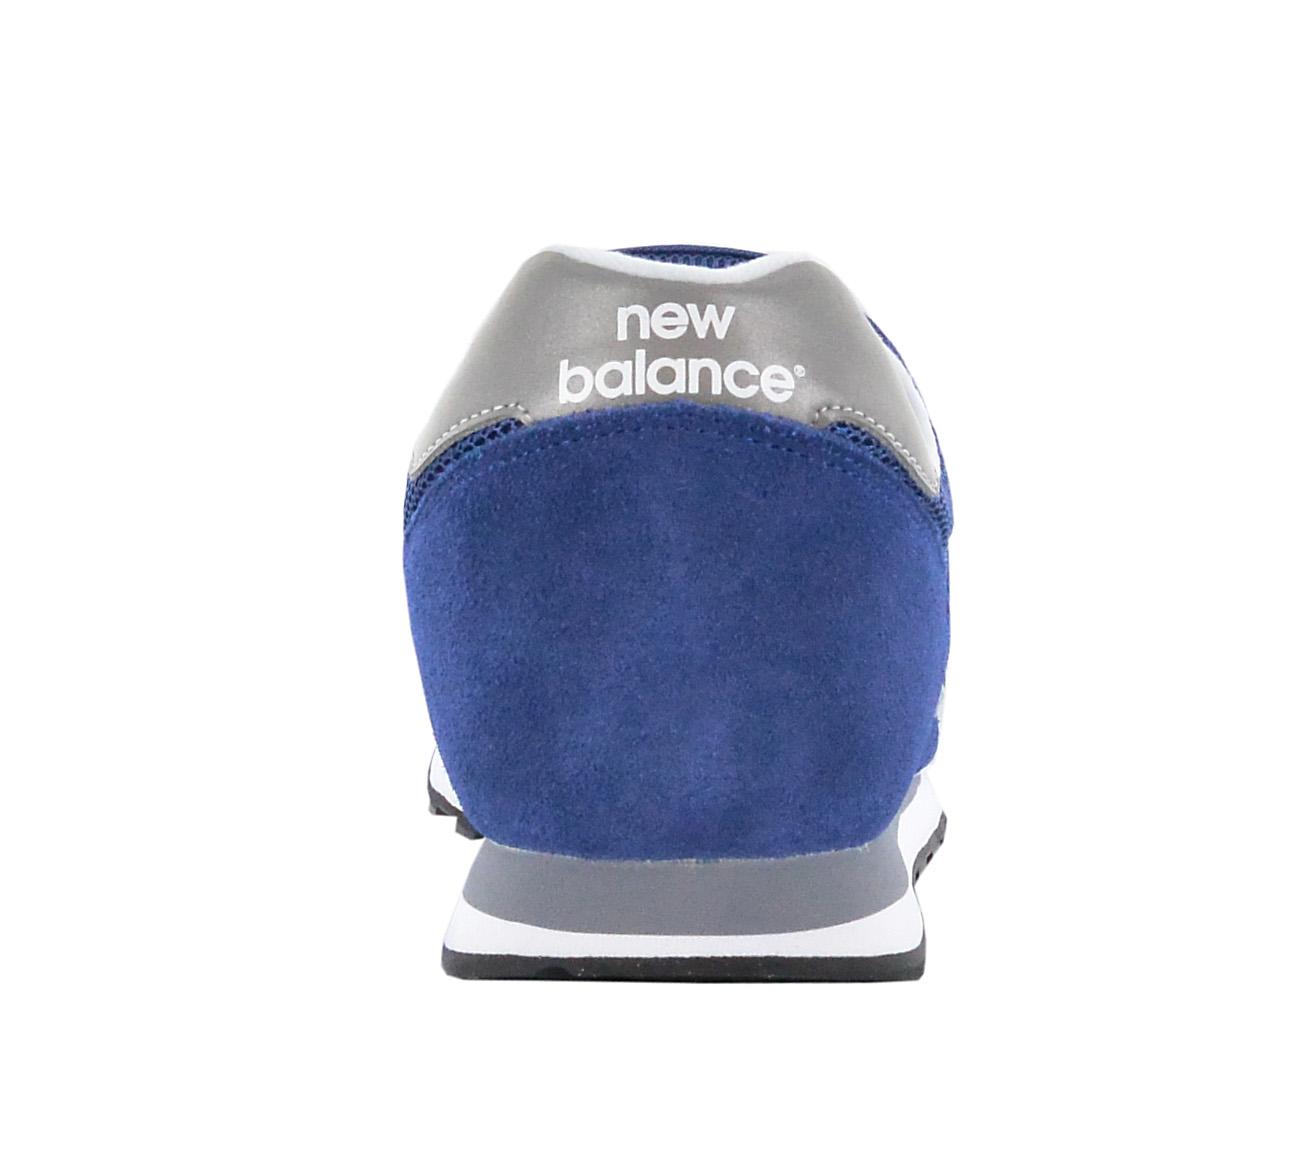 new balance 373 bambino blu